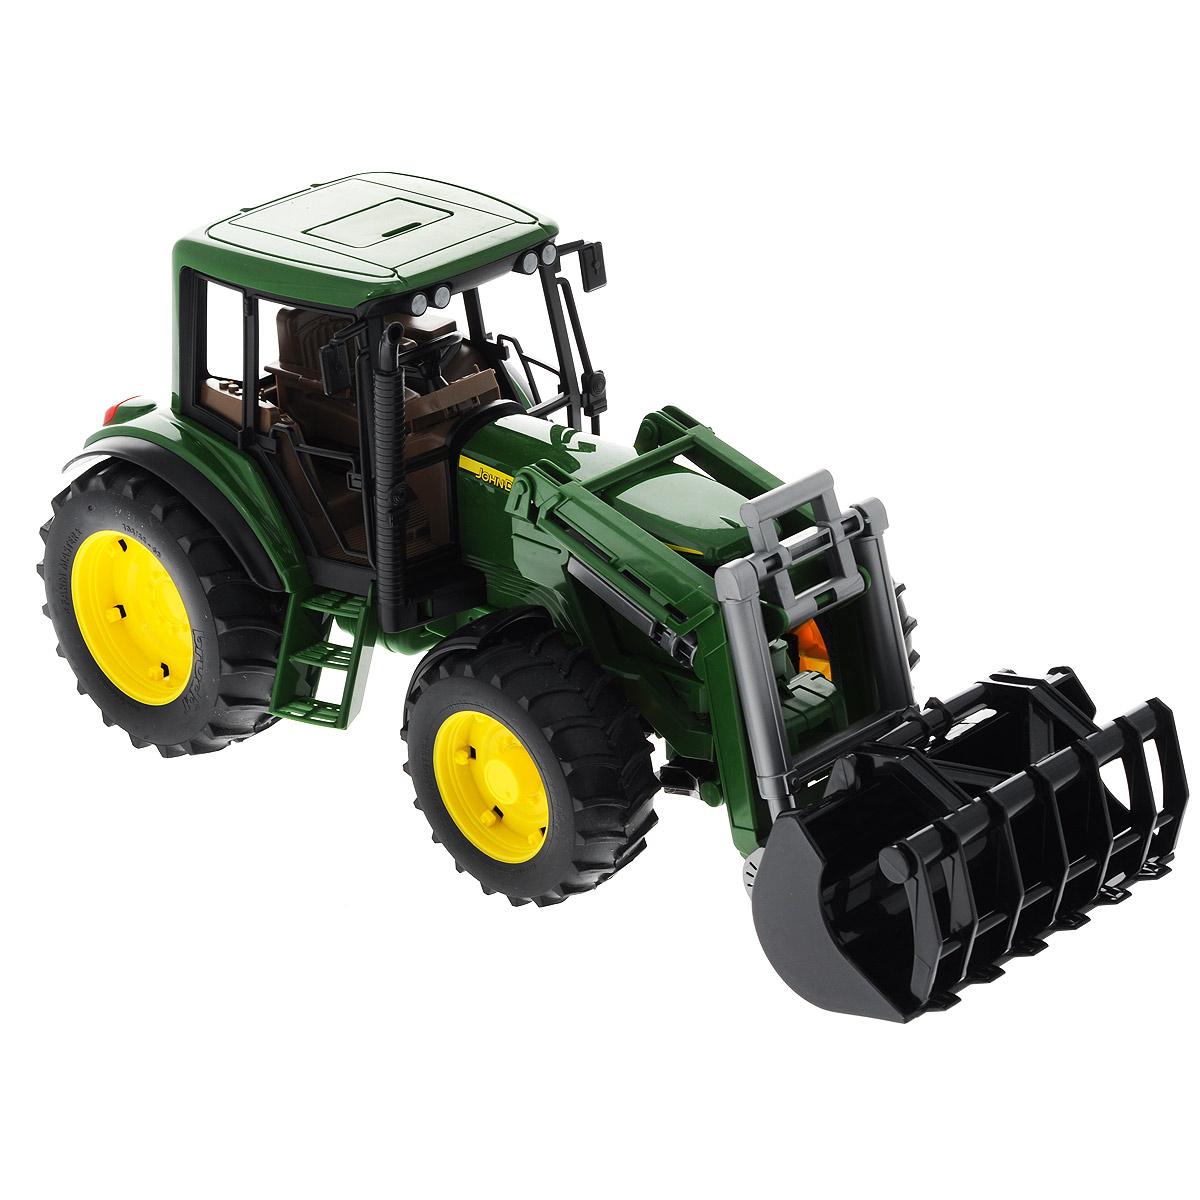 Bruder Трактор-погрузчик John Deere02-052Трактор Bruder John Deere, выполненный из прочного безопасного материала, отлично подойдет ребенку для различных игр. Машина является уменьшенной копией трактора фирмы John Deere. Трактор имеет съемный фронтальный погрузчик и может быть оснащен сдвоенными колесами. Управление происходит либо через кабину водителя с помощью руля, либо с помощью специального стержня, вставляющейся в люк на крыше водителя. Любой ребенок с легкостью справится с таким управлением. Капот трактора открывается, предоставляя доступ к двигателю. Трактор снабжен фаркопом; передняя ось оснащена амортизатором. В салон помещается небольшая фигурка или игрушка. Ковш трактора подвижен. Можно установить станок для колки бревен. Прорезиненные колеса с крупным протектором обеспечивают машине устойчивость и хорошую проходимость. Трактор совместим со всеми фигурками Bruder. Порадуйте своего ребенка таким замечательным подарком!